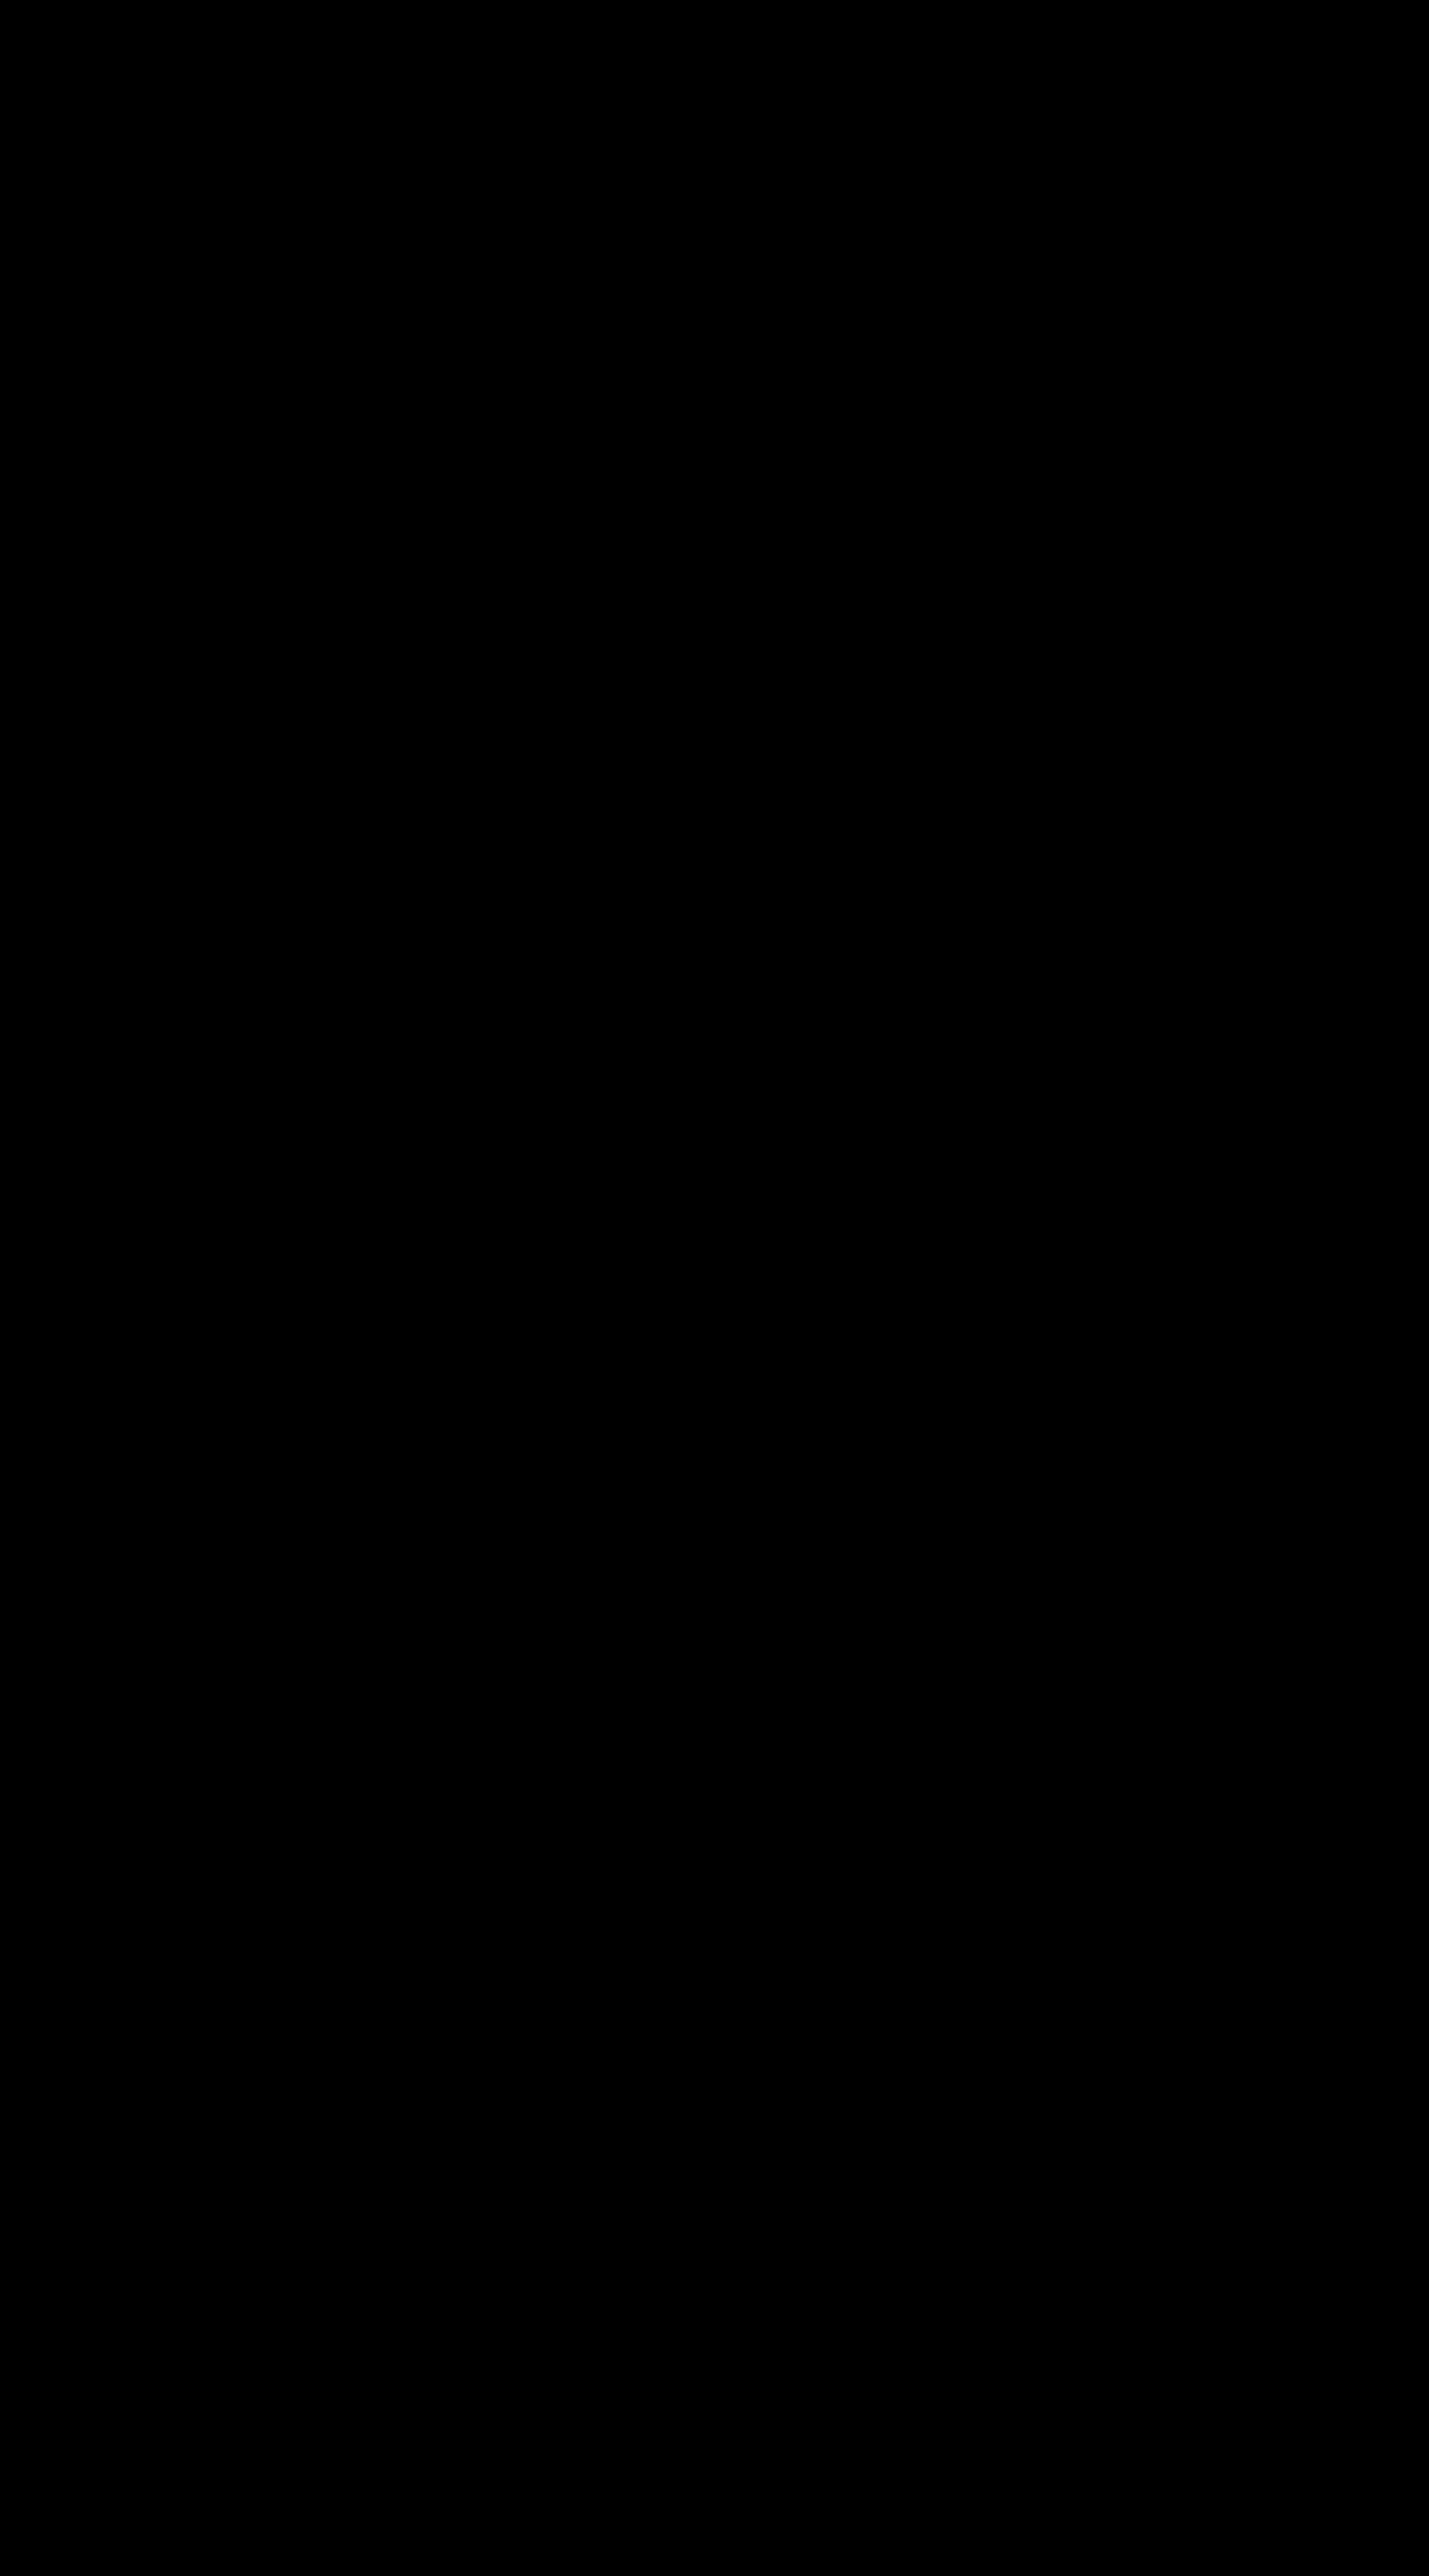 """aaaaas 01 - <span style=""""font-family: serif;"""">小児科"""